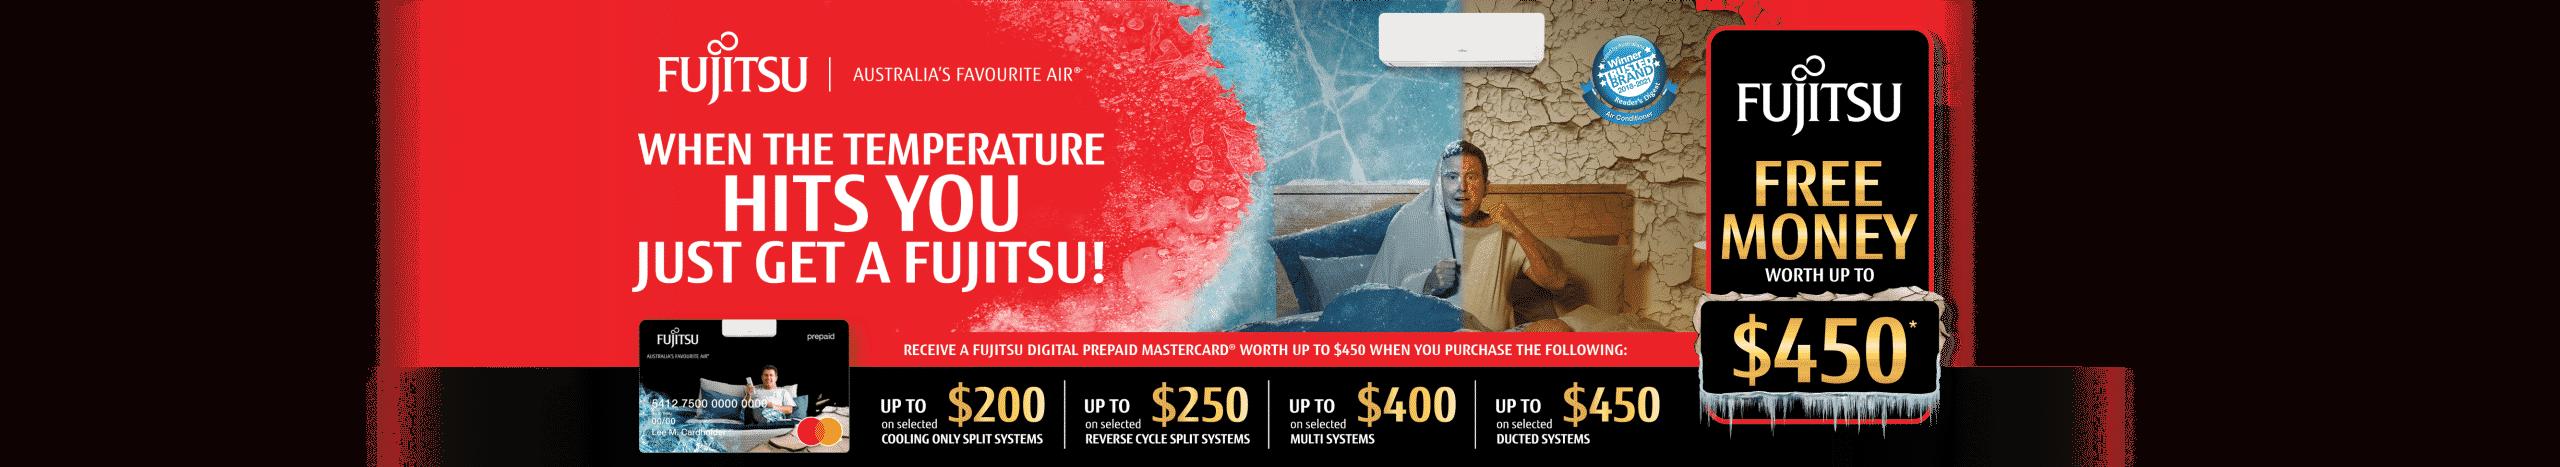 Fujitsu cash back 2021 free money promotion